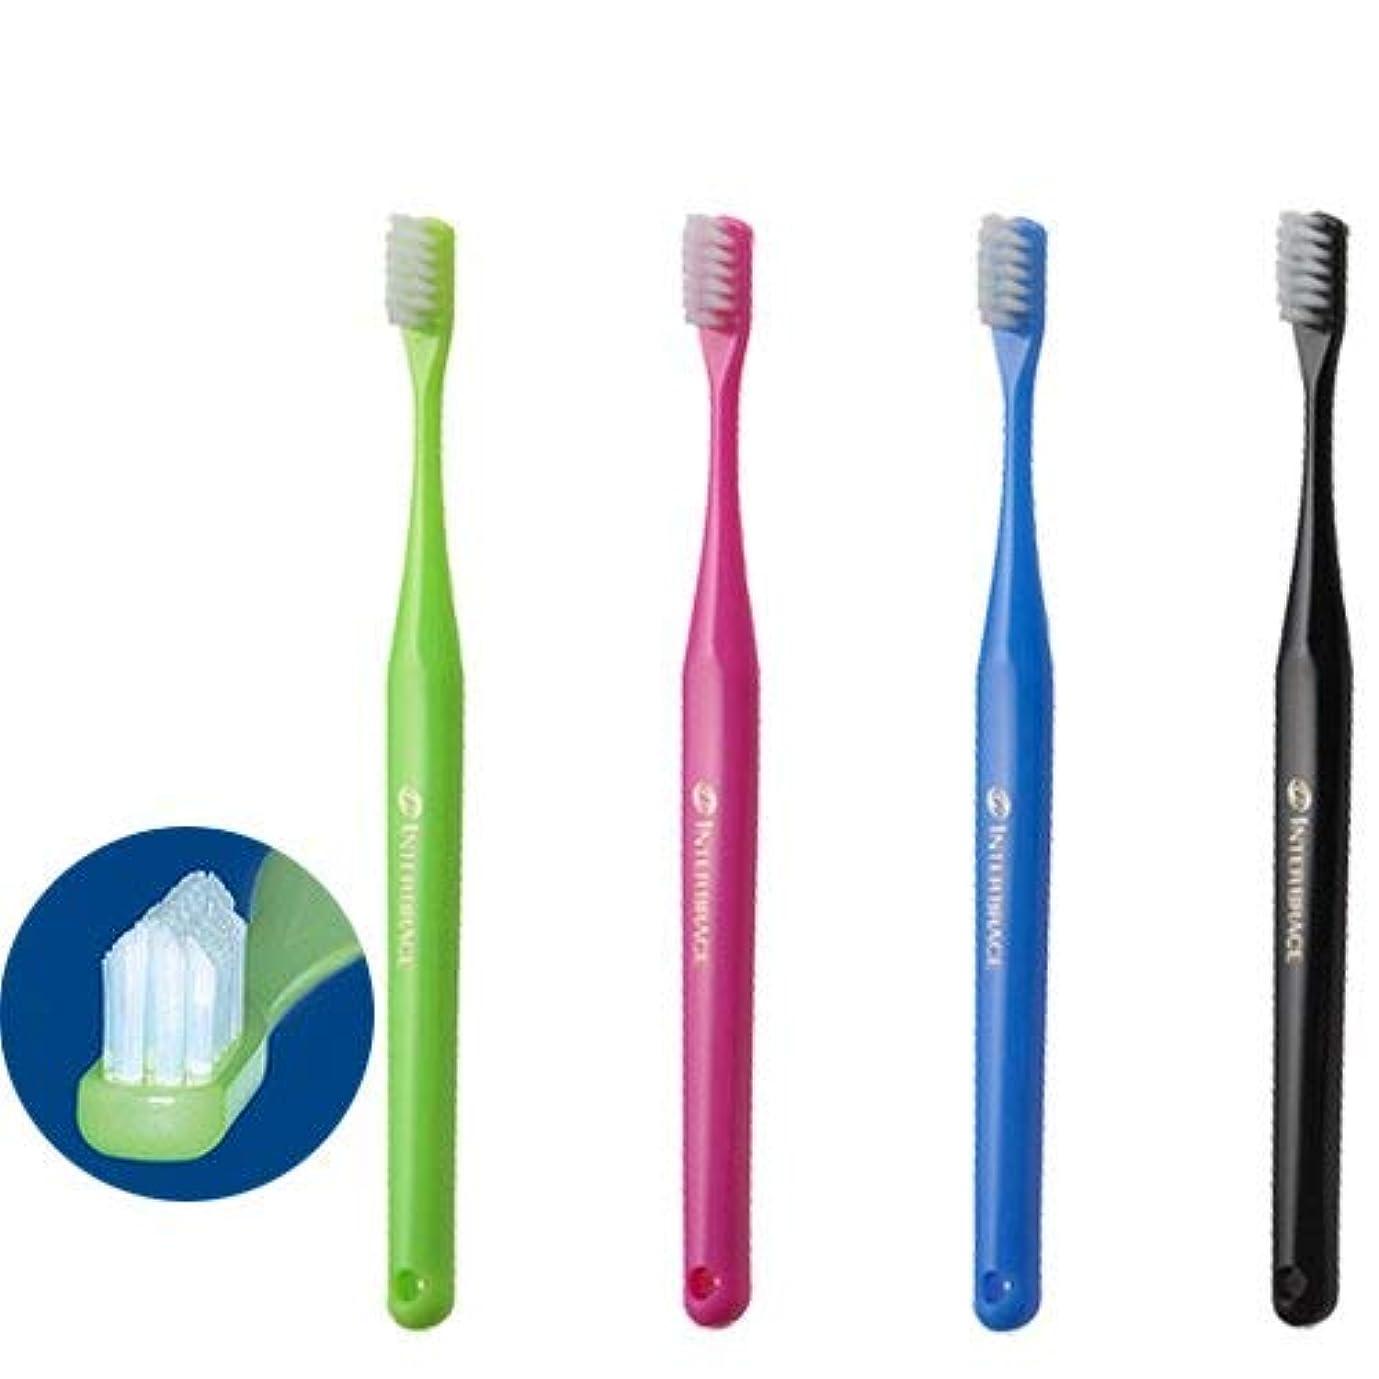 メディックビリーヤギ条約インターブレイス (INTER BRACE) ×8本 矯正用歯ブラシ 歯科医院取扱品